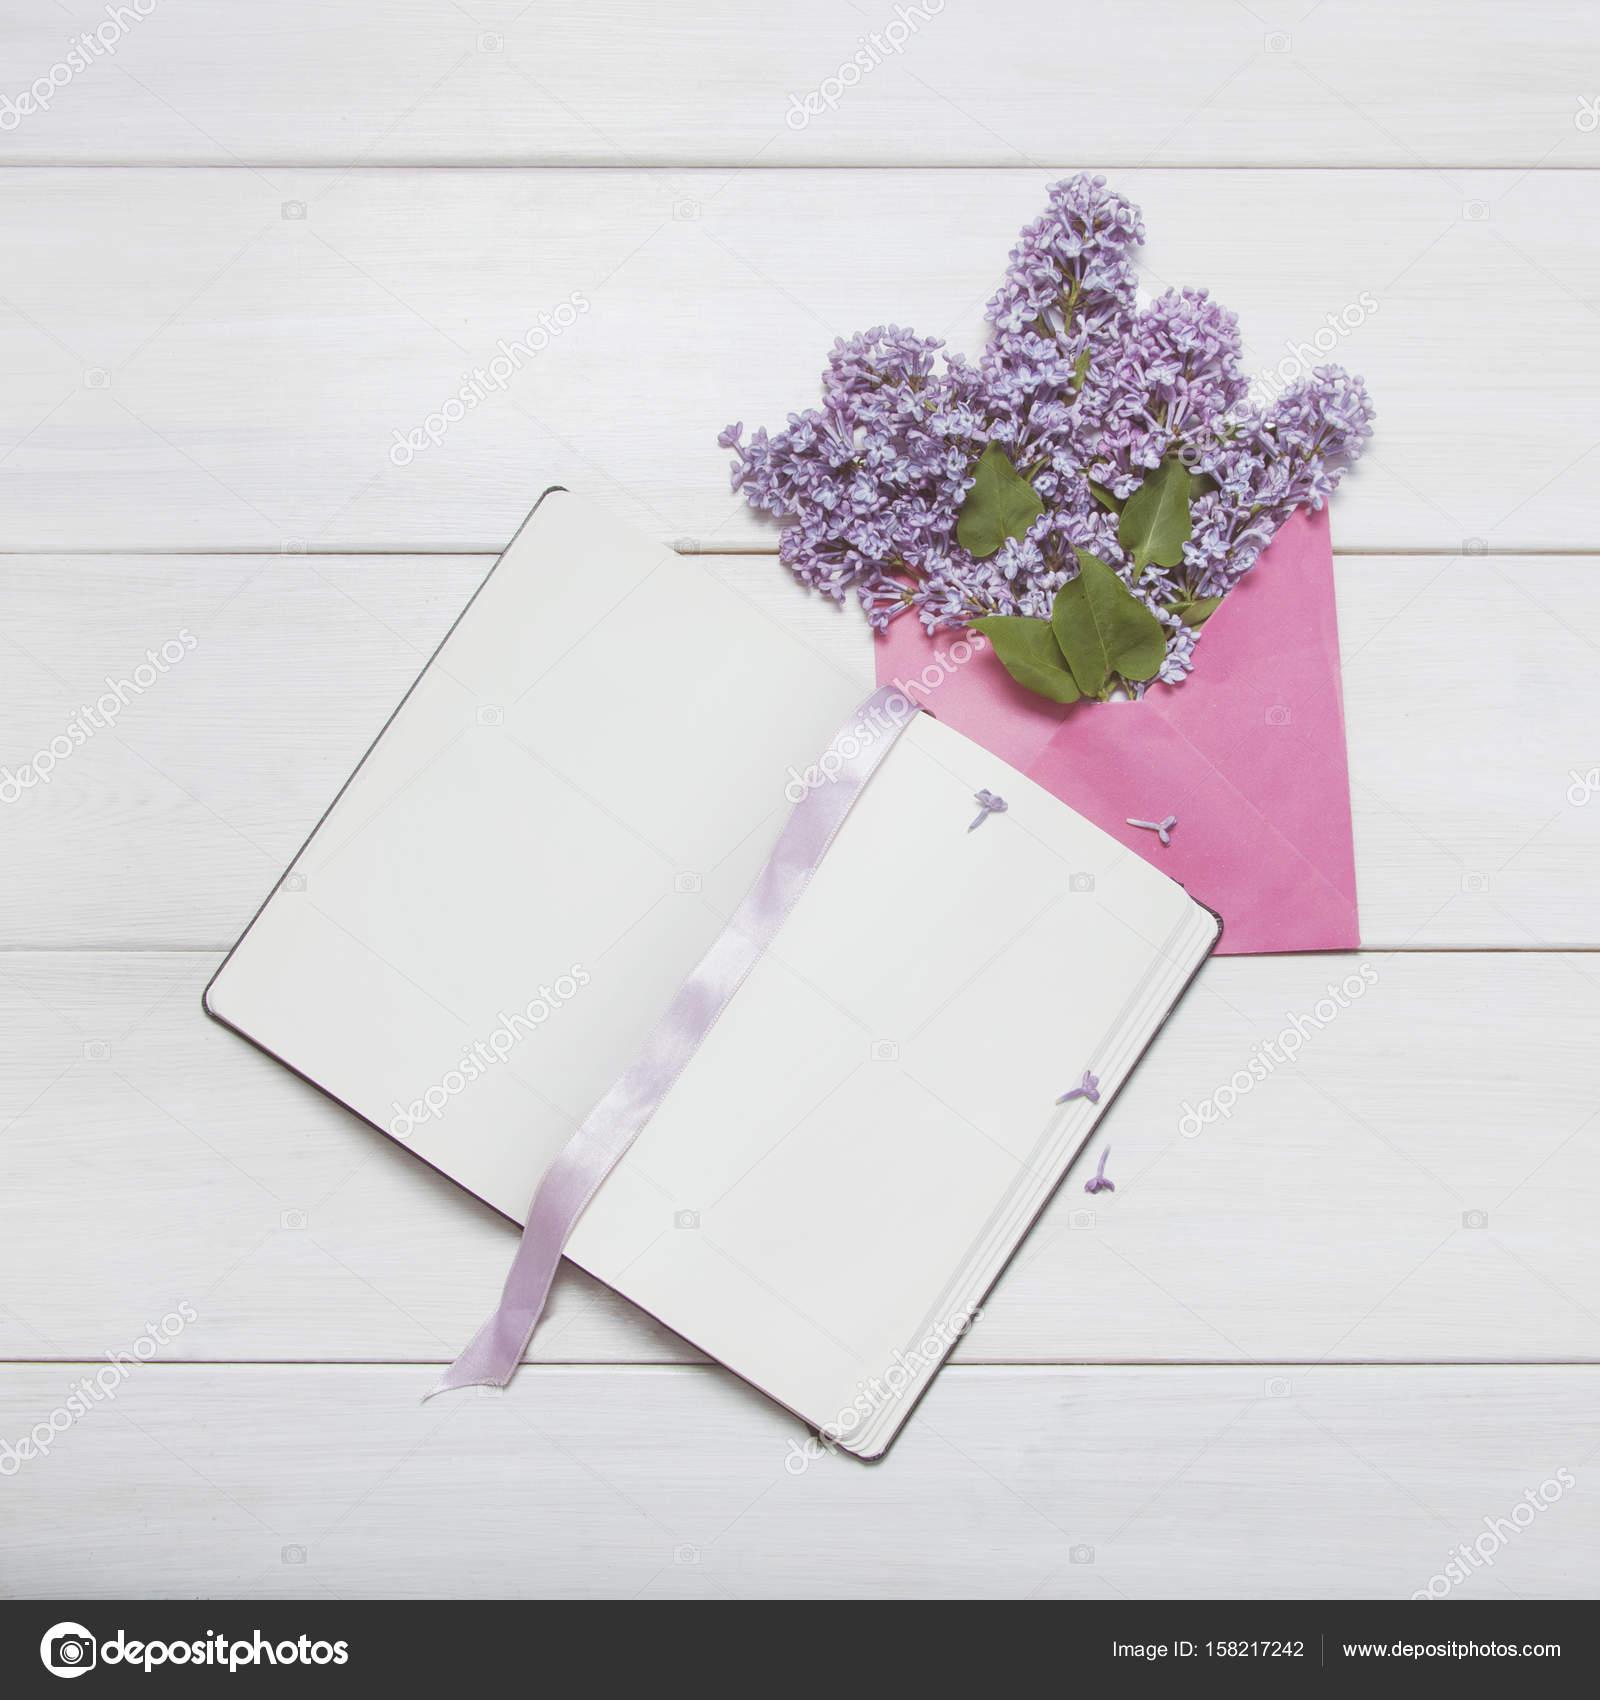 Erstaunlich Osto Holz Galerie Von Ohne Gegentor Notizblock Mit Lila Blumen Blumenstrauß